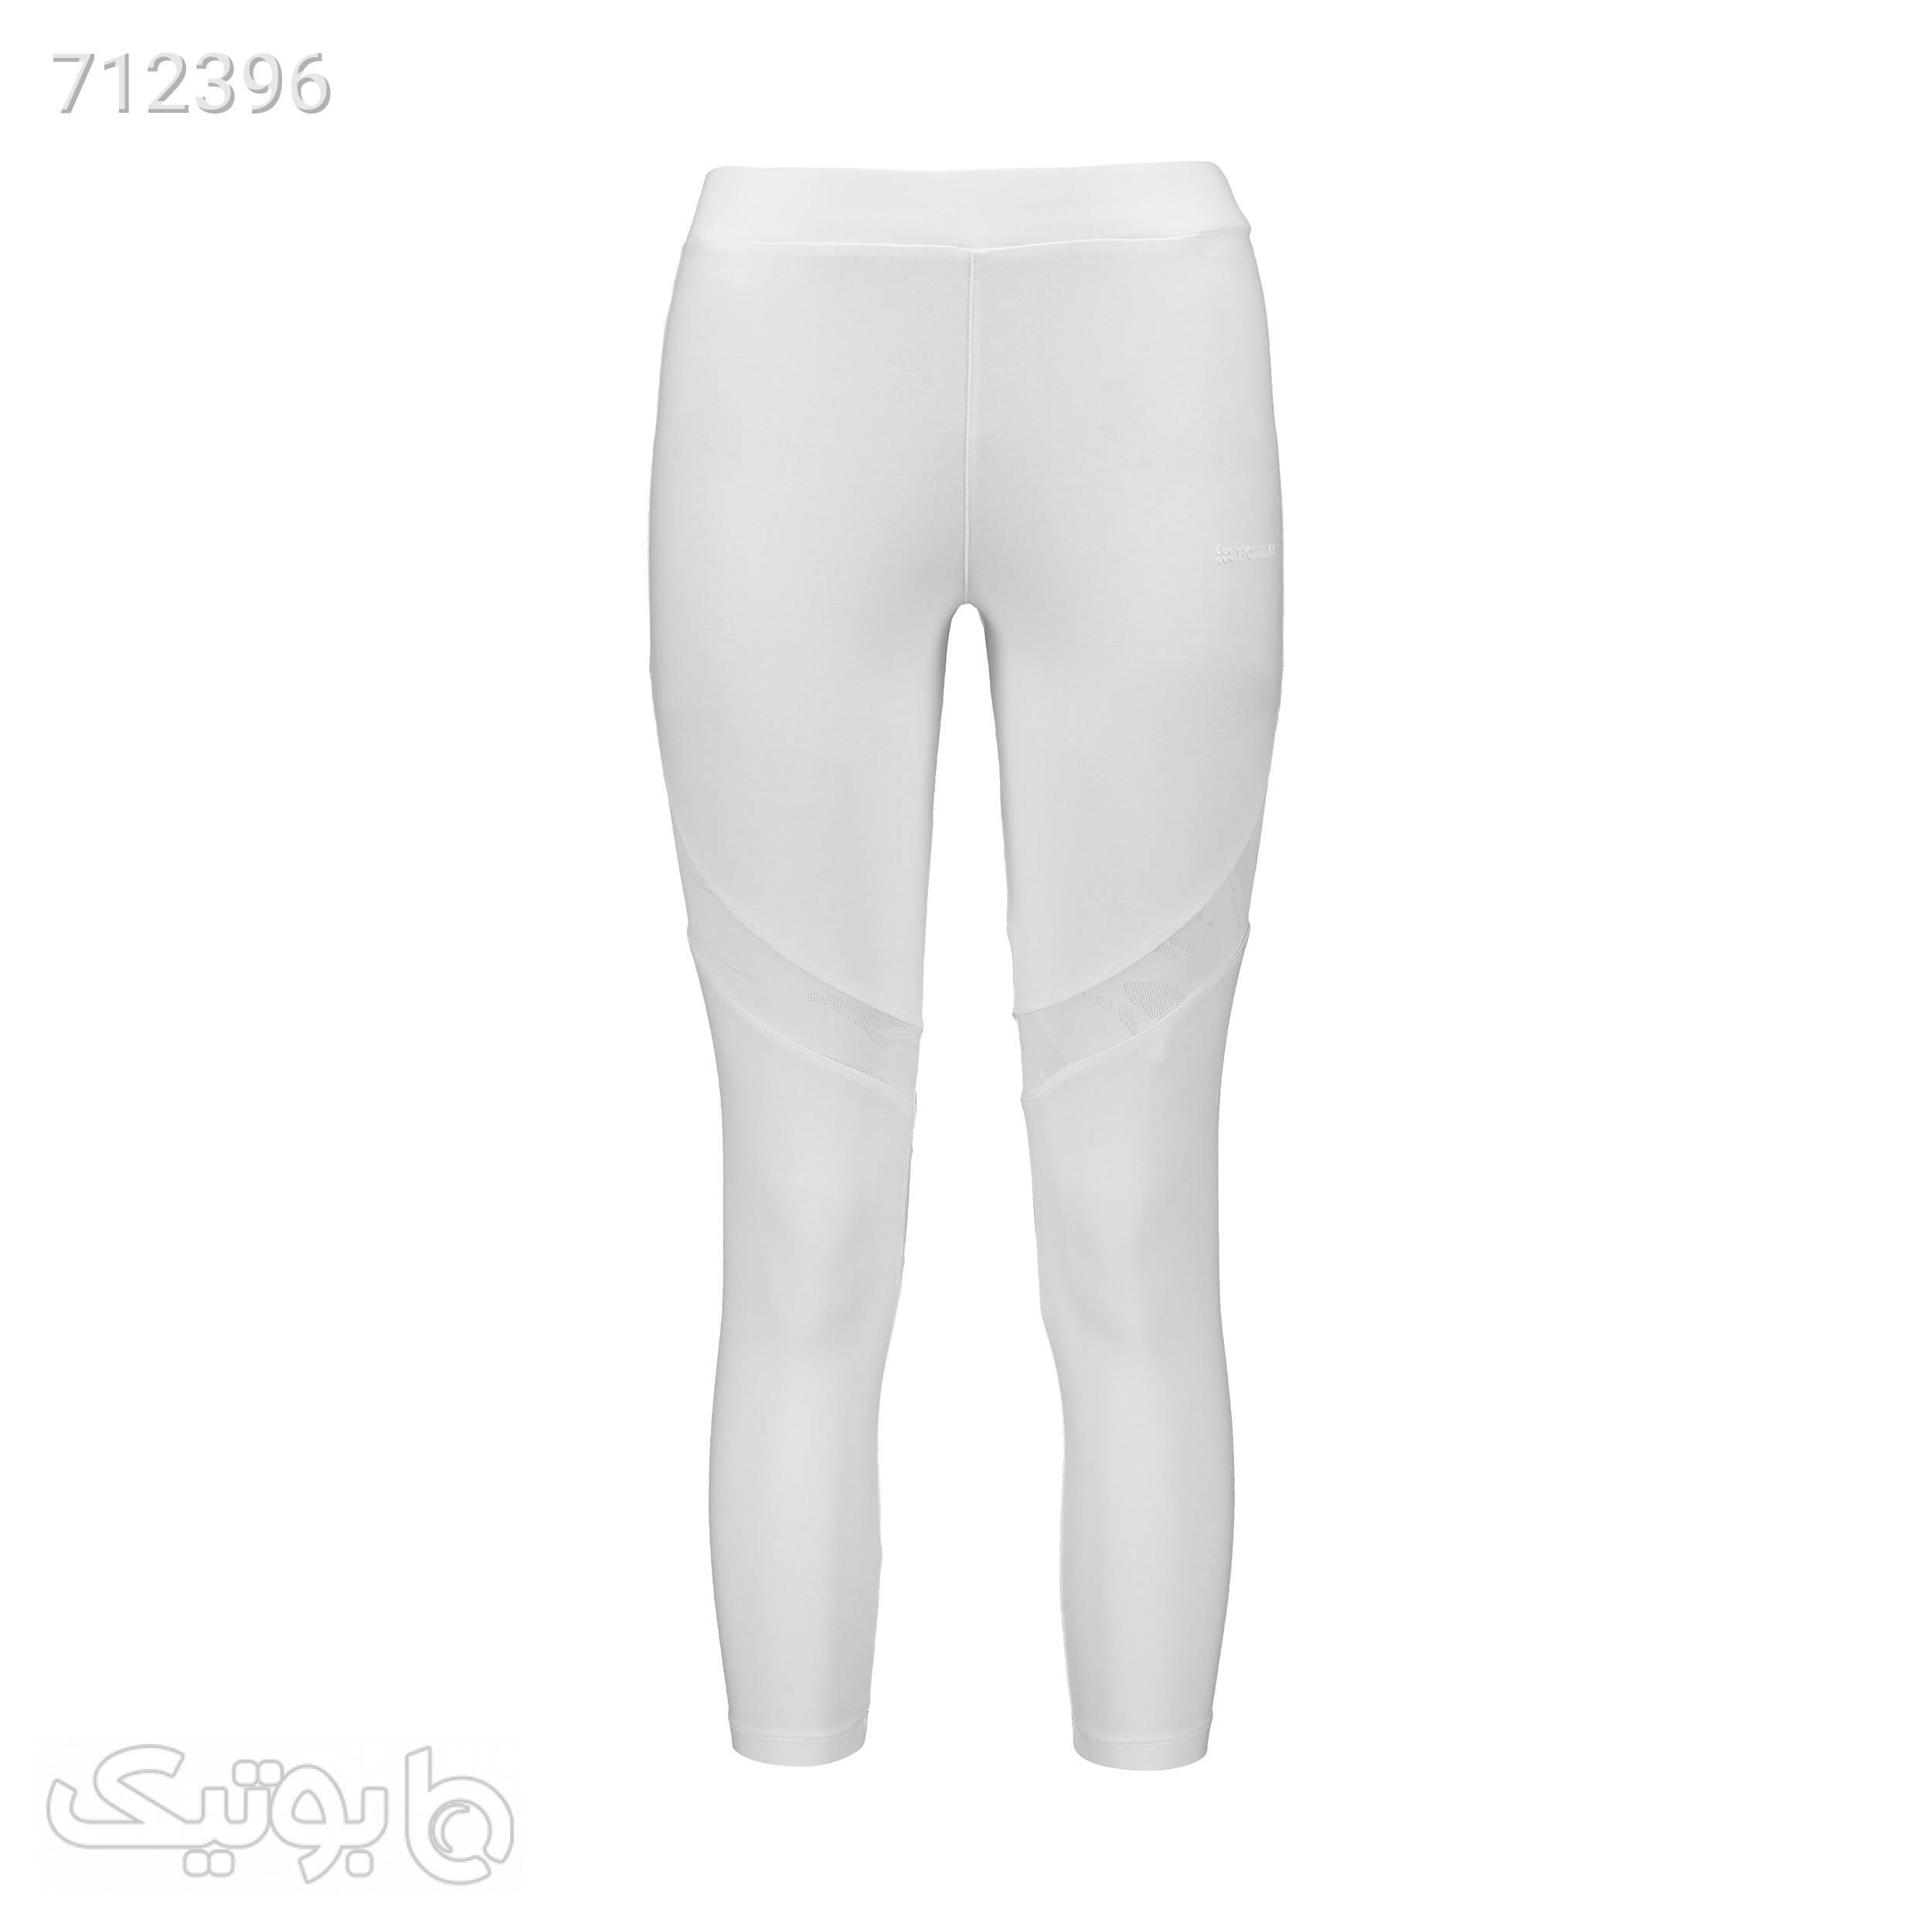 شلوار ورزشی زنانه هالیدی مدل 809609WHITE سفید ست ورزشی زنانه